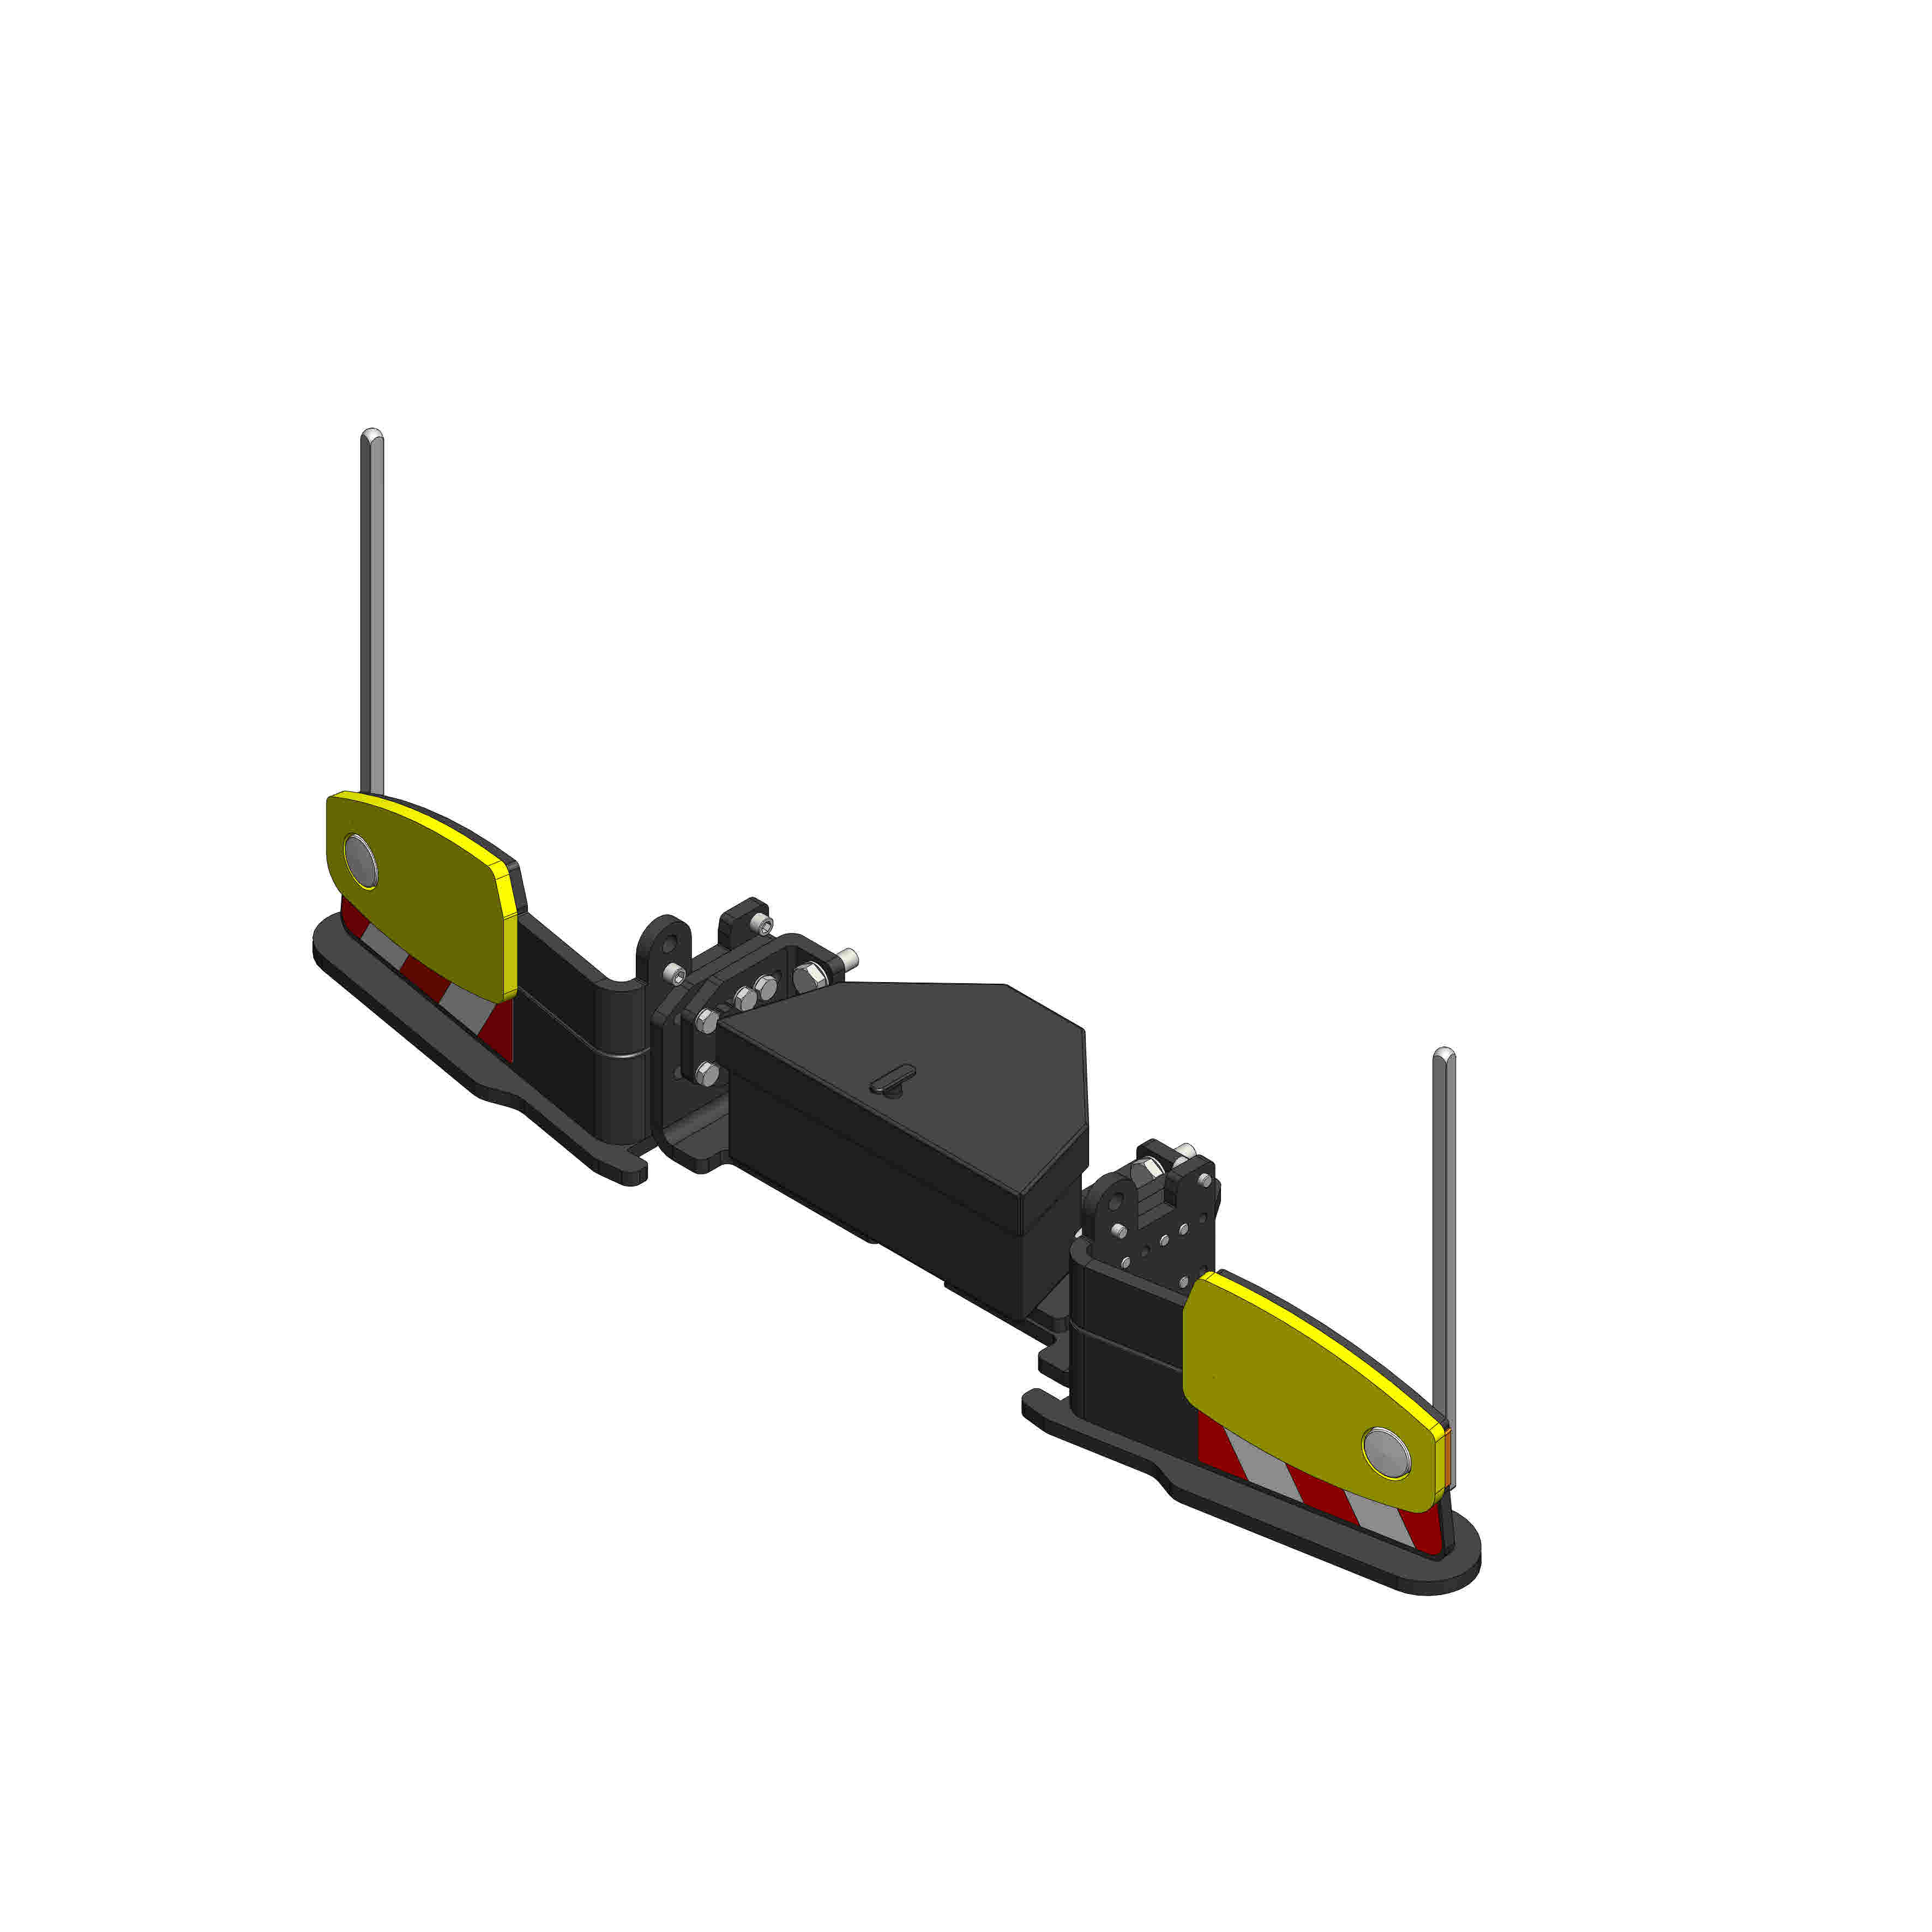 Boite à outils sur pare-chocs Agribumper BASE-LINE